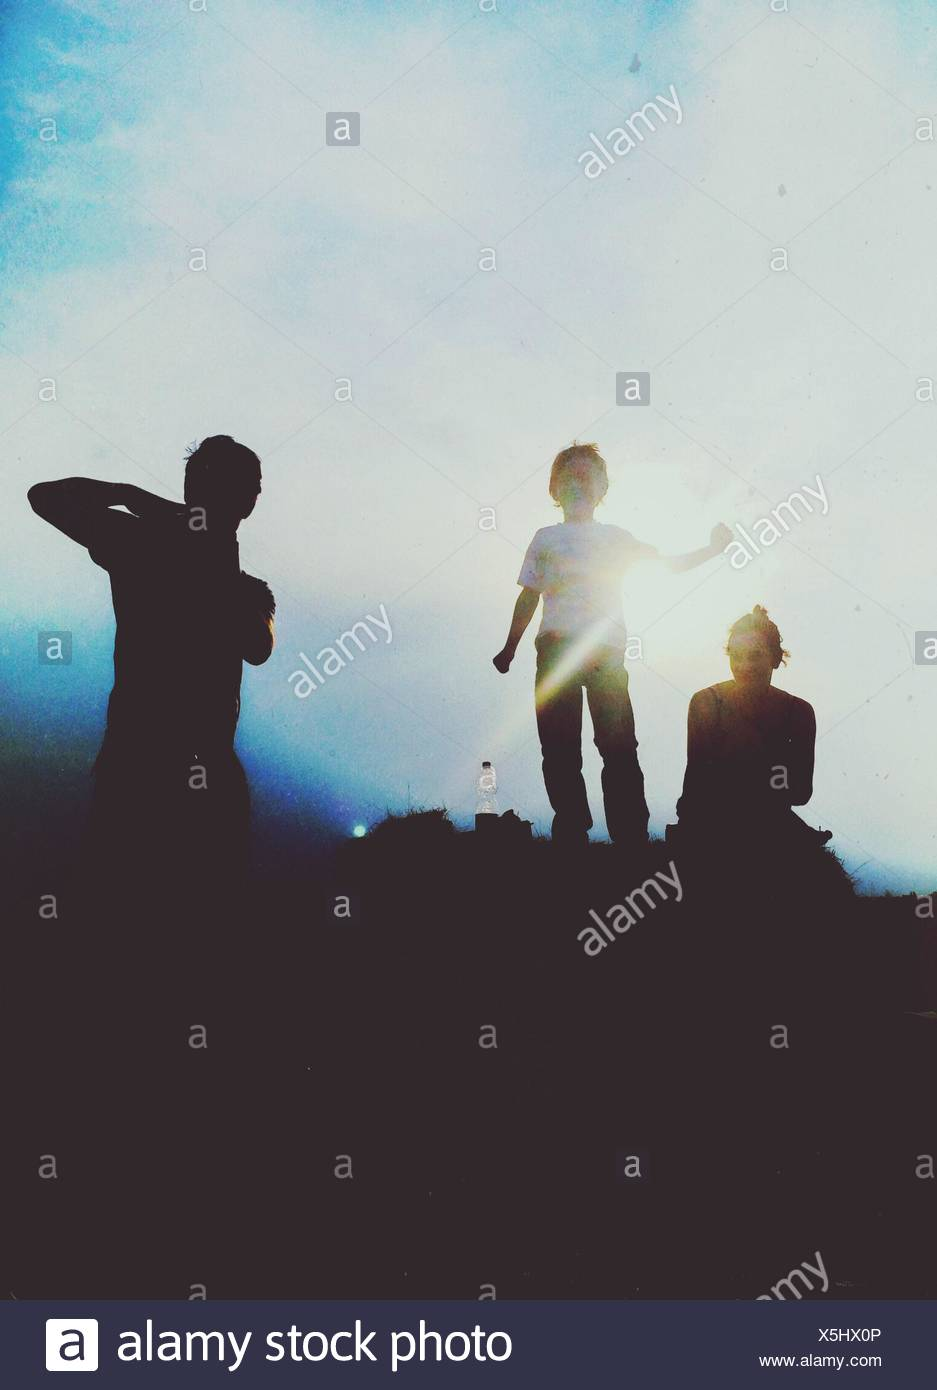 Sagome di persone in presenza di luce solare Immagini Stock